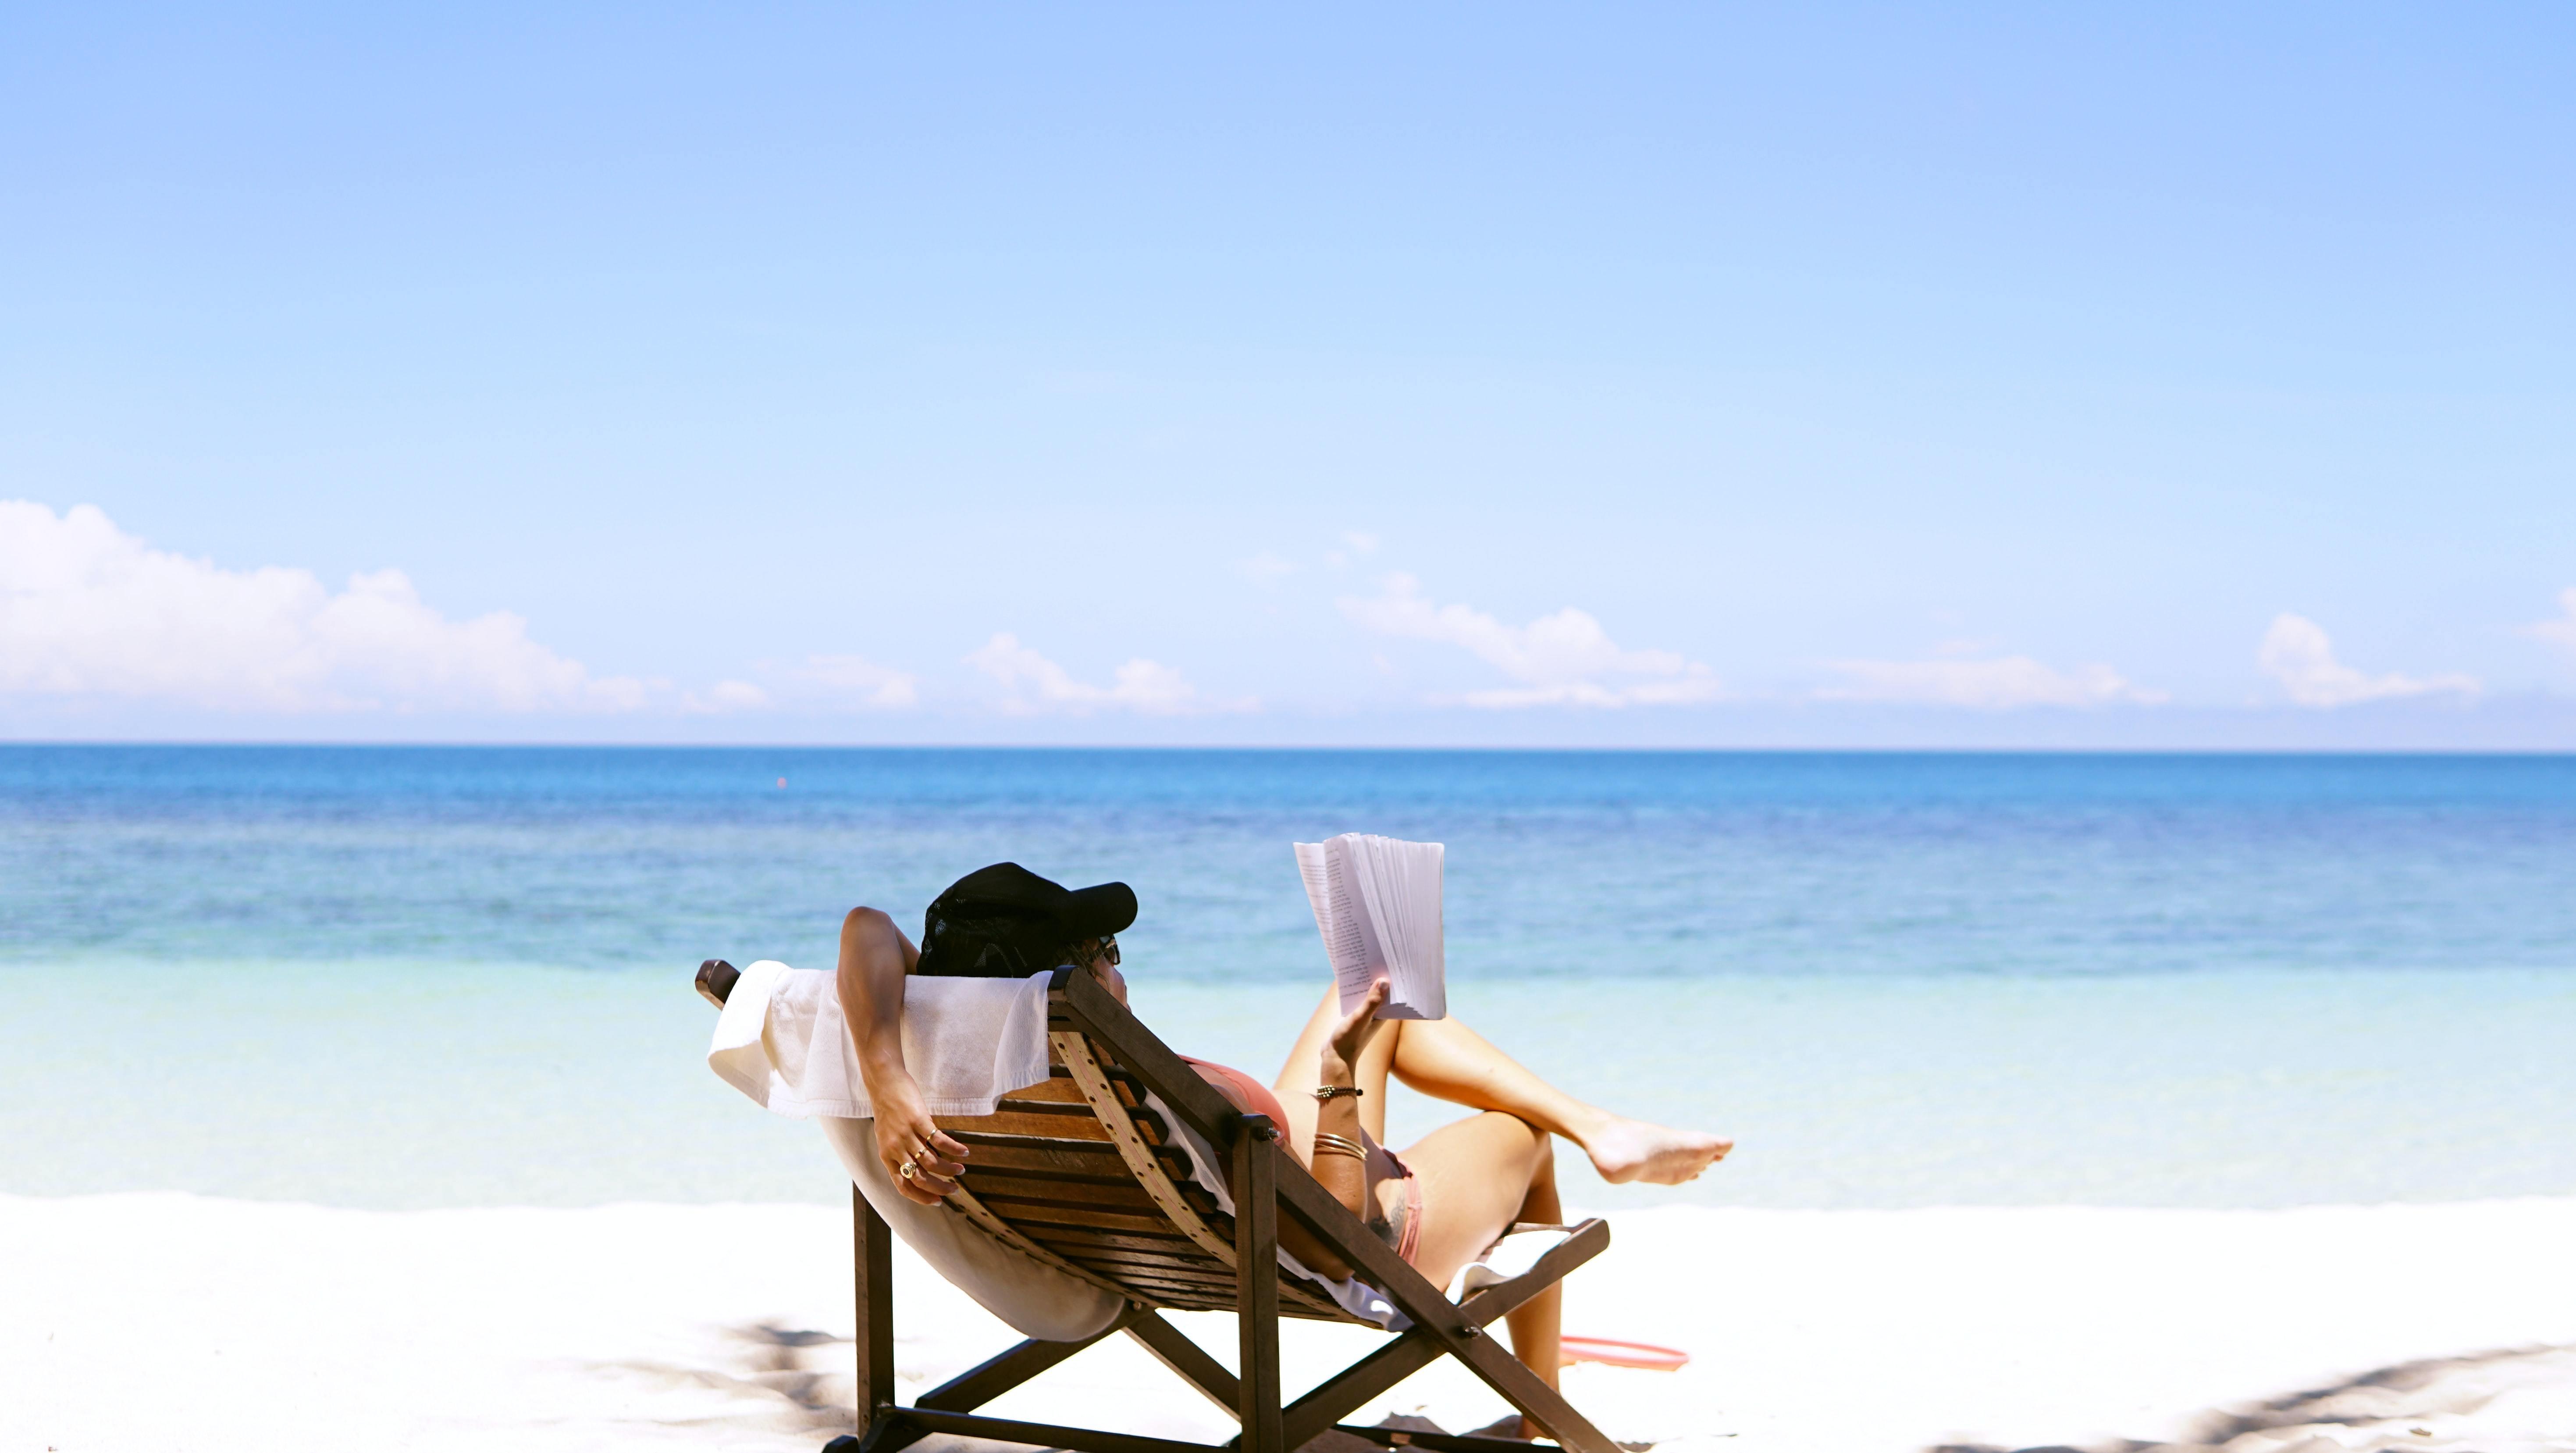 PI Unbegrenzter Urlaub tolle Idee Arbeitnehmer und geber dafür